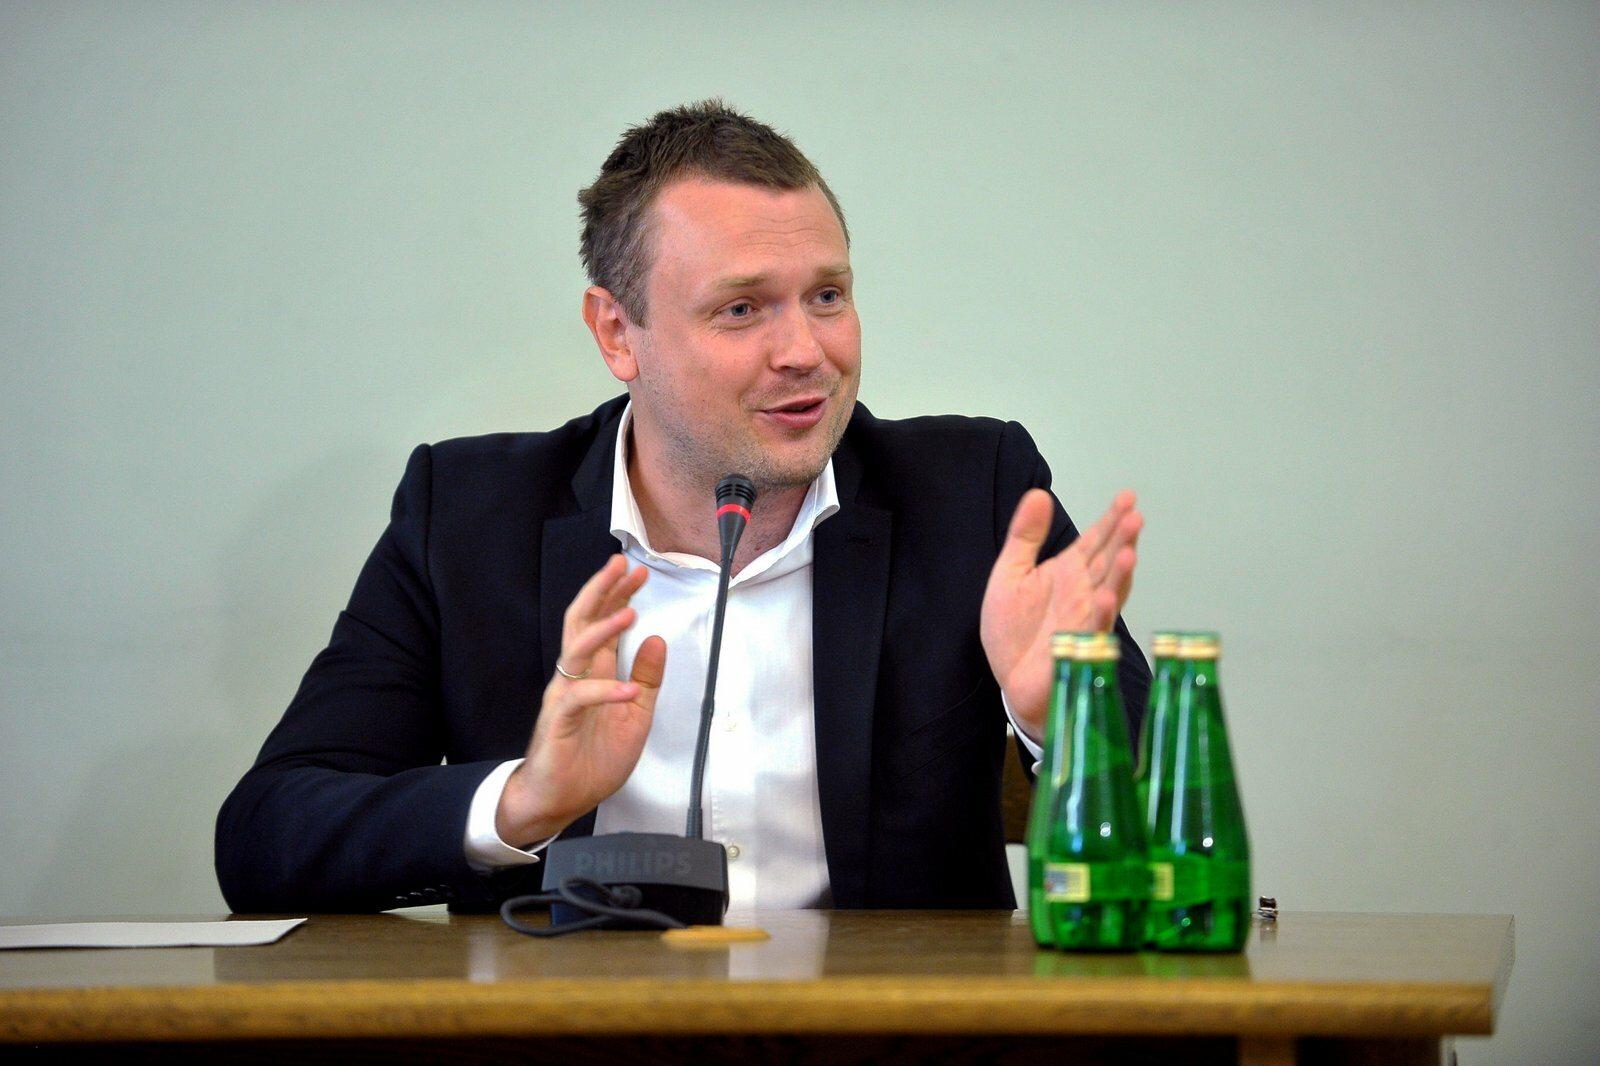 Były pracownik OLT Express Sp. z o.o., syn byłego premiera, szefa Rady Europejskiej Donalda Tuska, Michał Tusk zeznaje przed sejmową komisją śledczą ds. Amber Gold